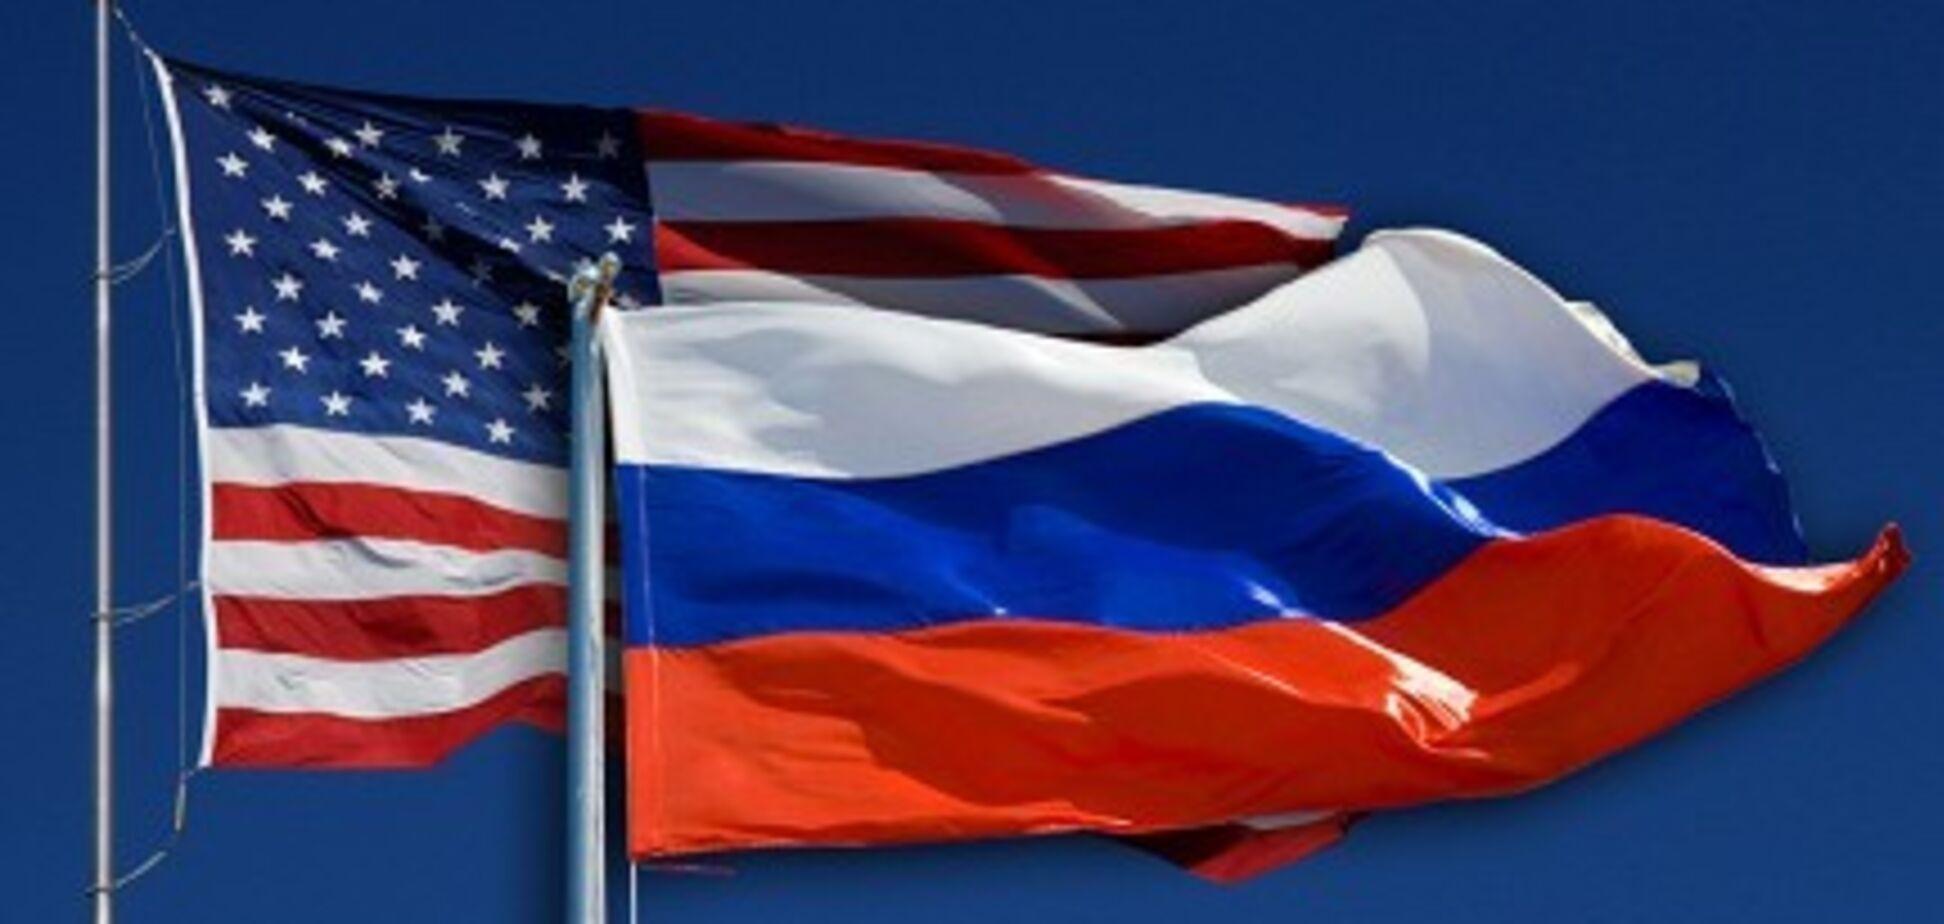 ''Путин удобен'': Запад обвинили в ''сговоре'' с диктатором Кремля